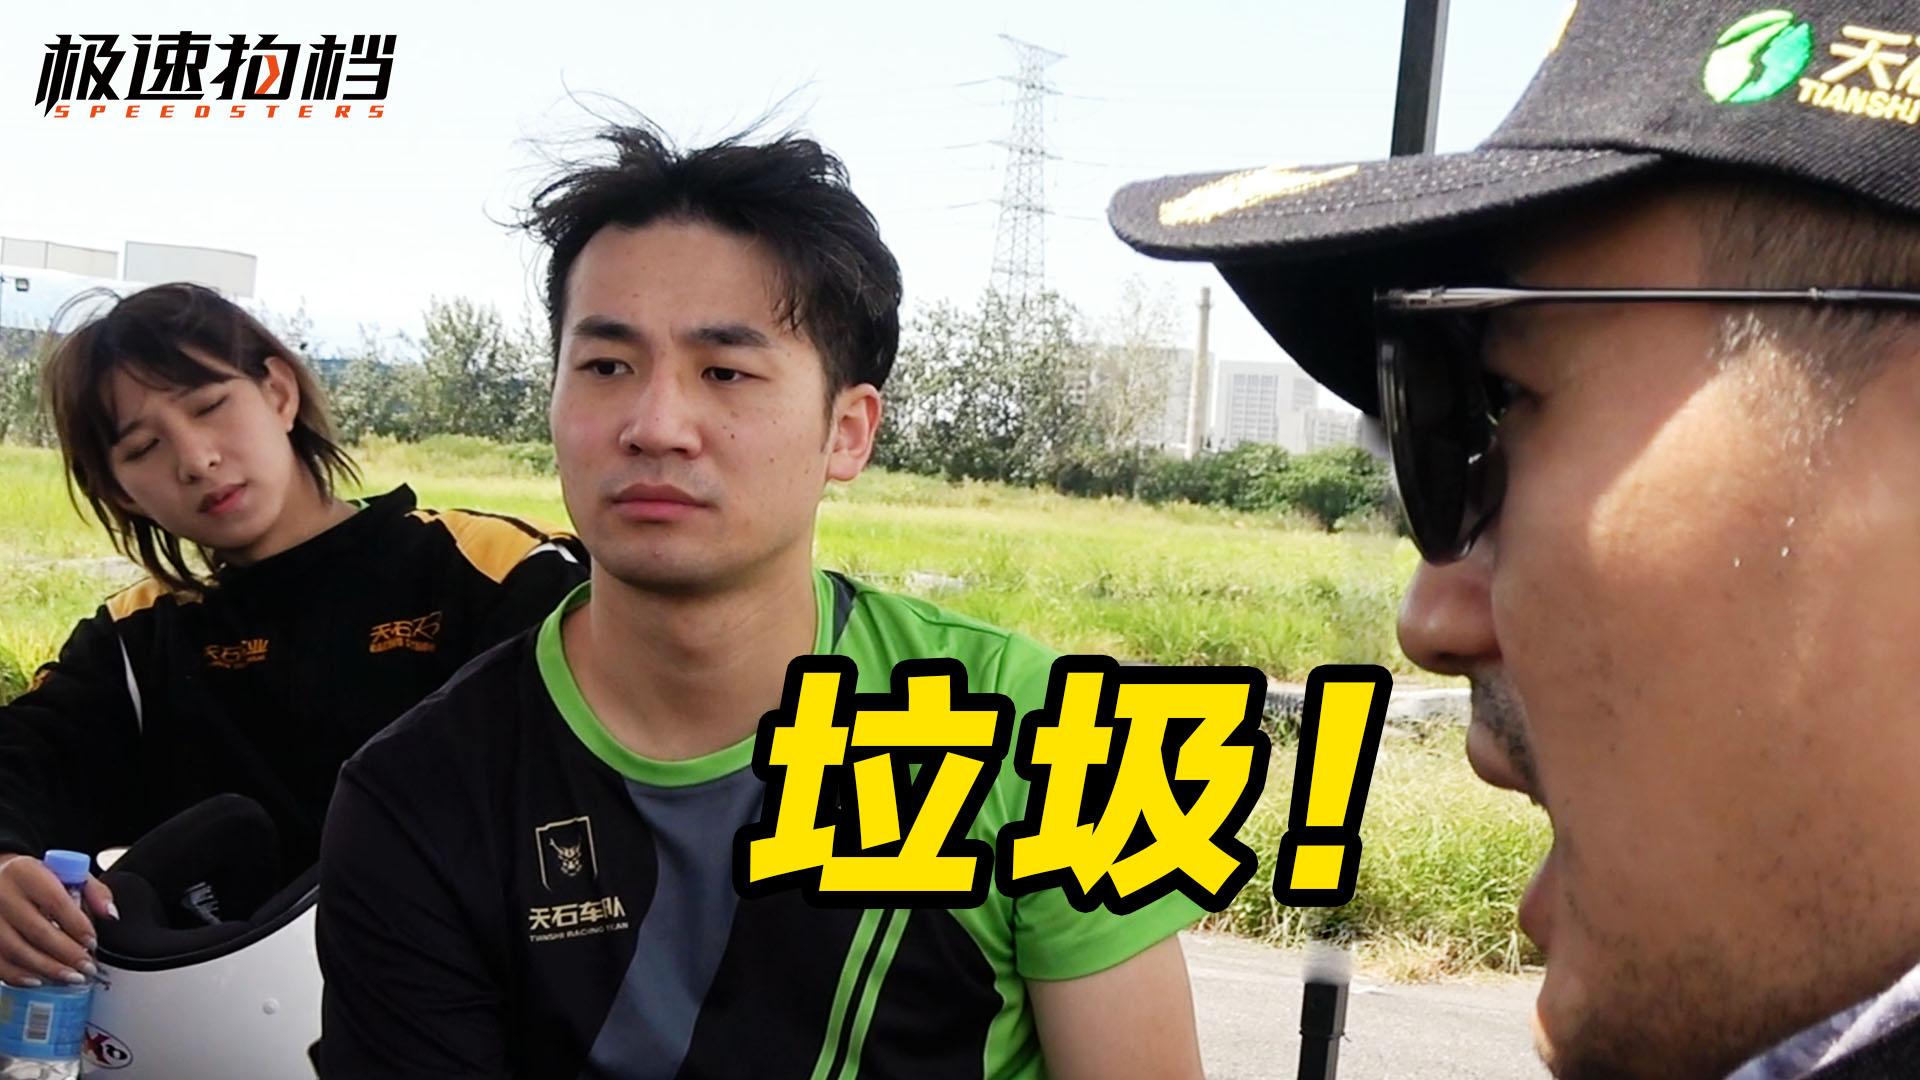 日本飙车9年 回国发现自己啥也不是......